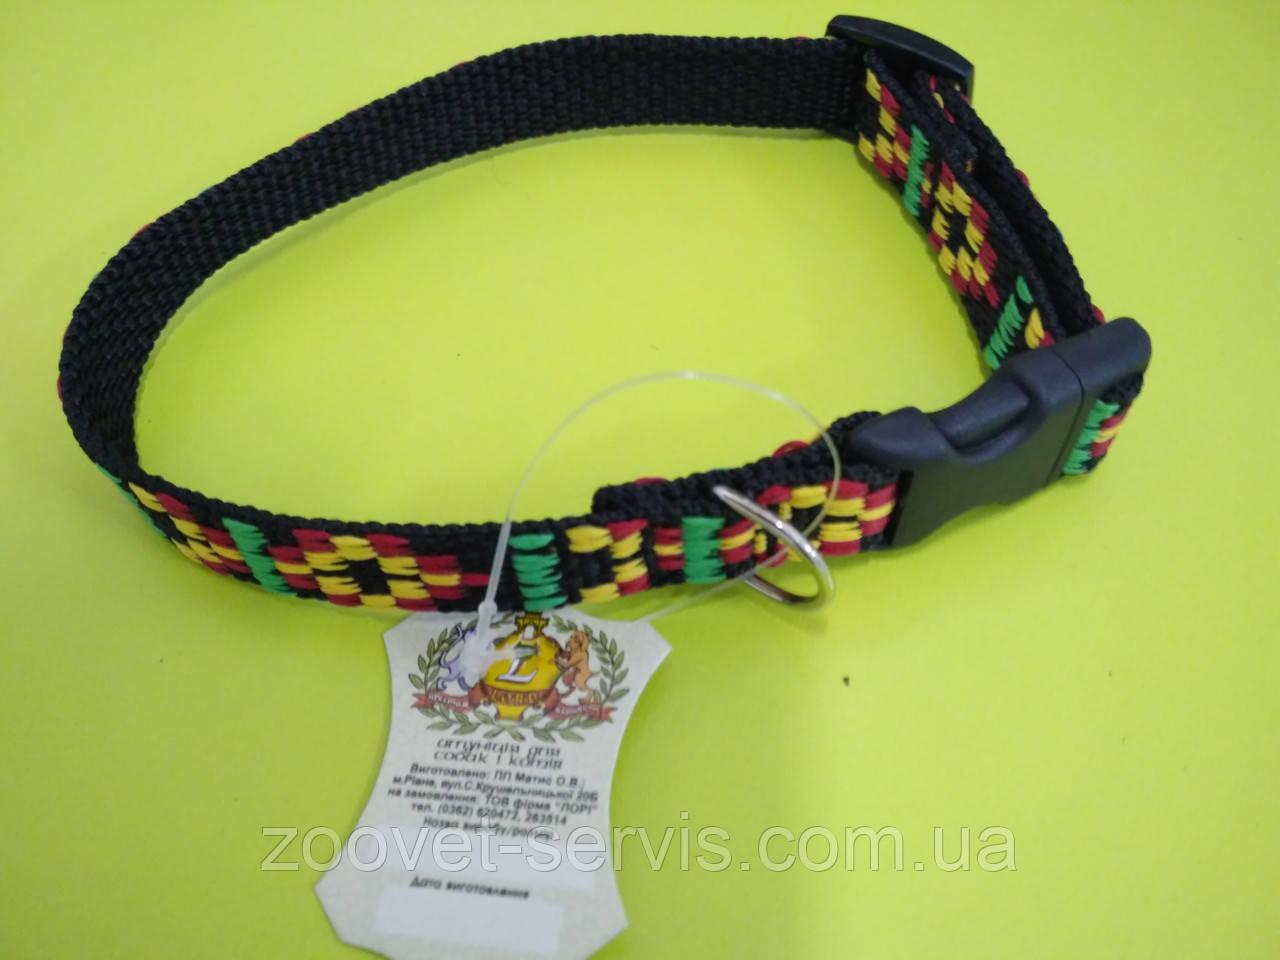 Ошейник капроновый для собак Вышиванка ширина 1.6